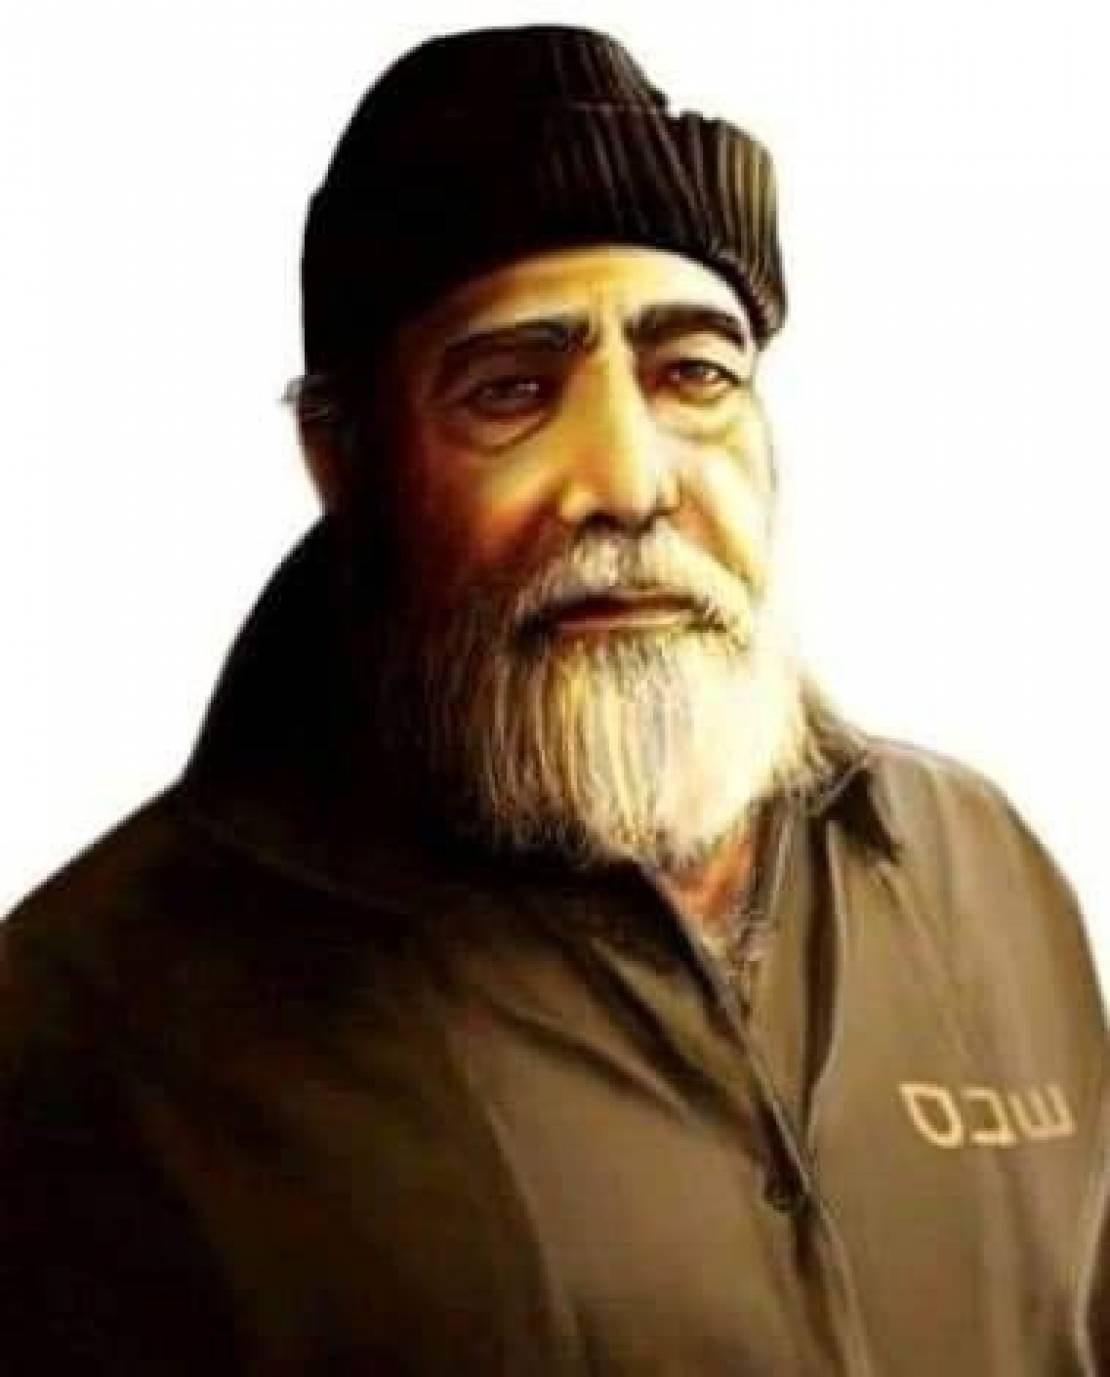 رئيس هيئة الأسرى: الأسير فؤاد الشوبكي بصحة جيدة ونطالب بتوخي الدقة في نقل أخباره